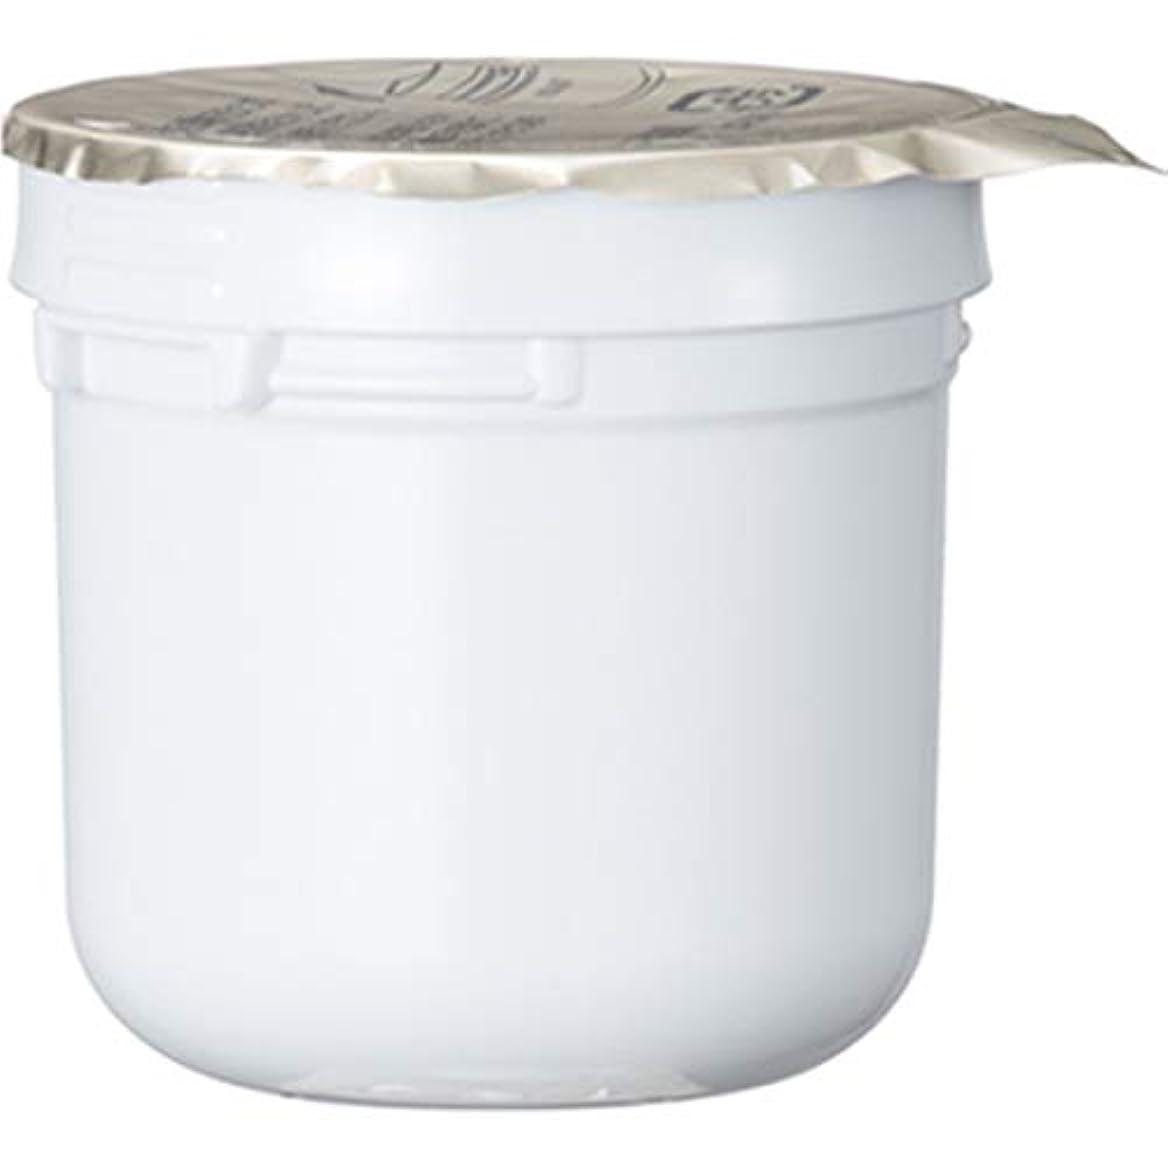 野菜同志フィードオンASTALIFT(アスタリフト) ホワイト クリーム(美白クリーム)レフィル 30g [並行輸入品]